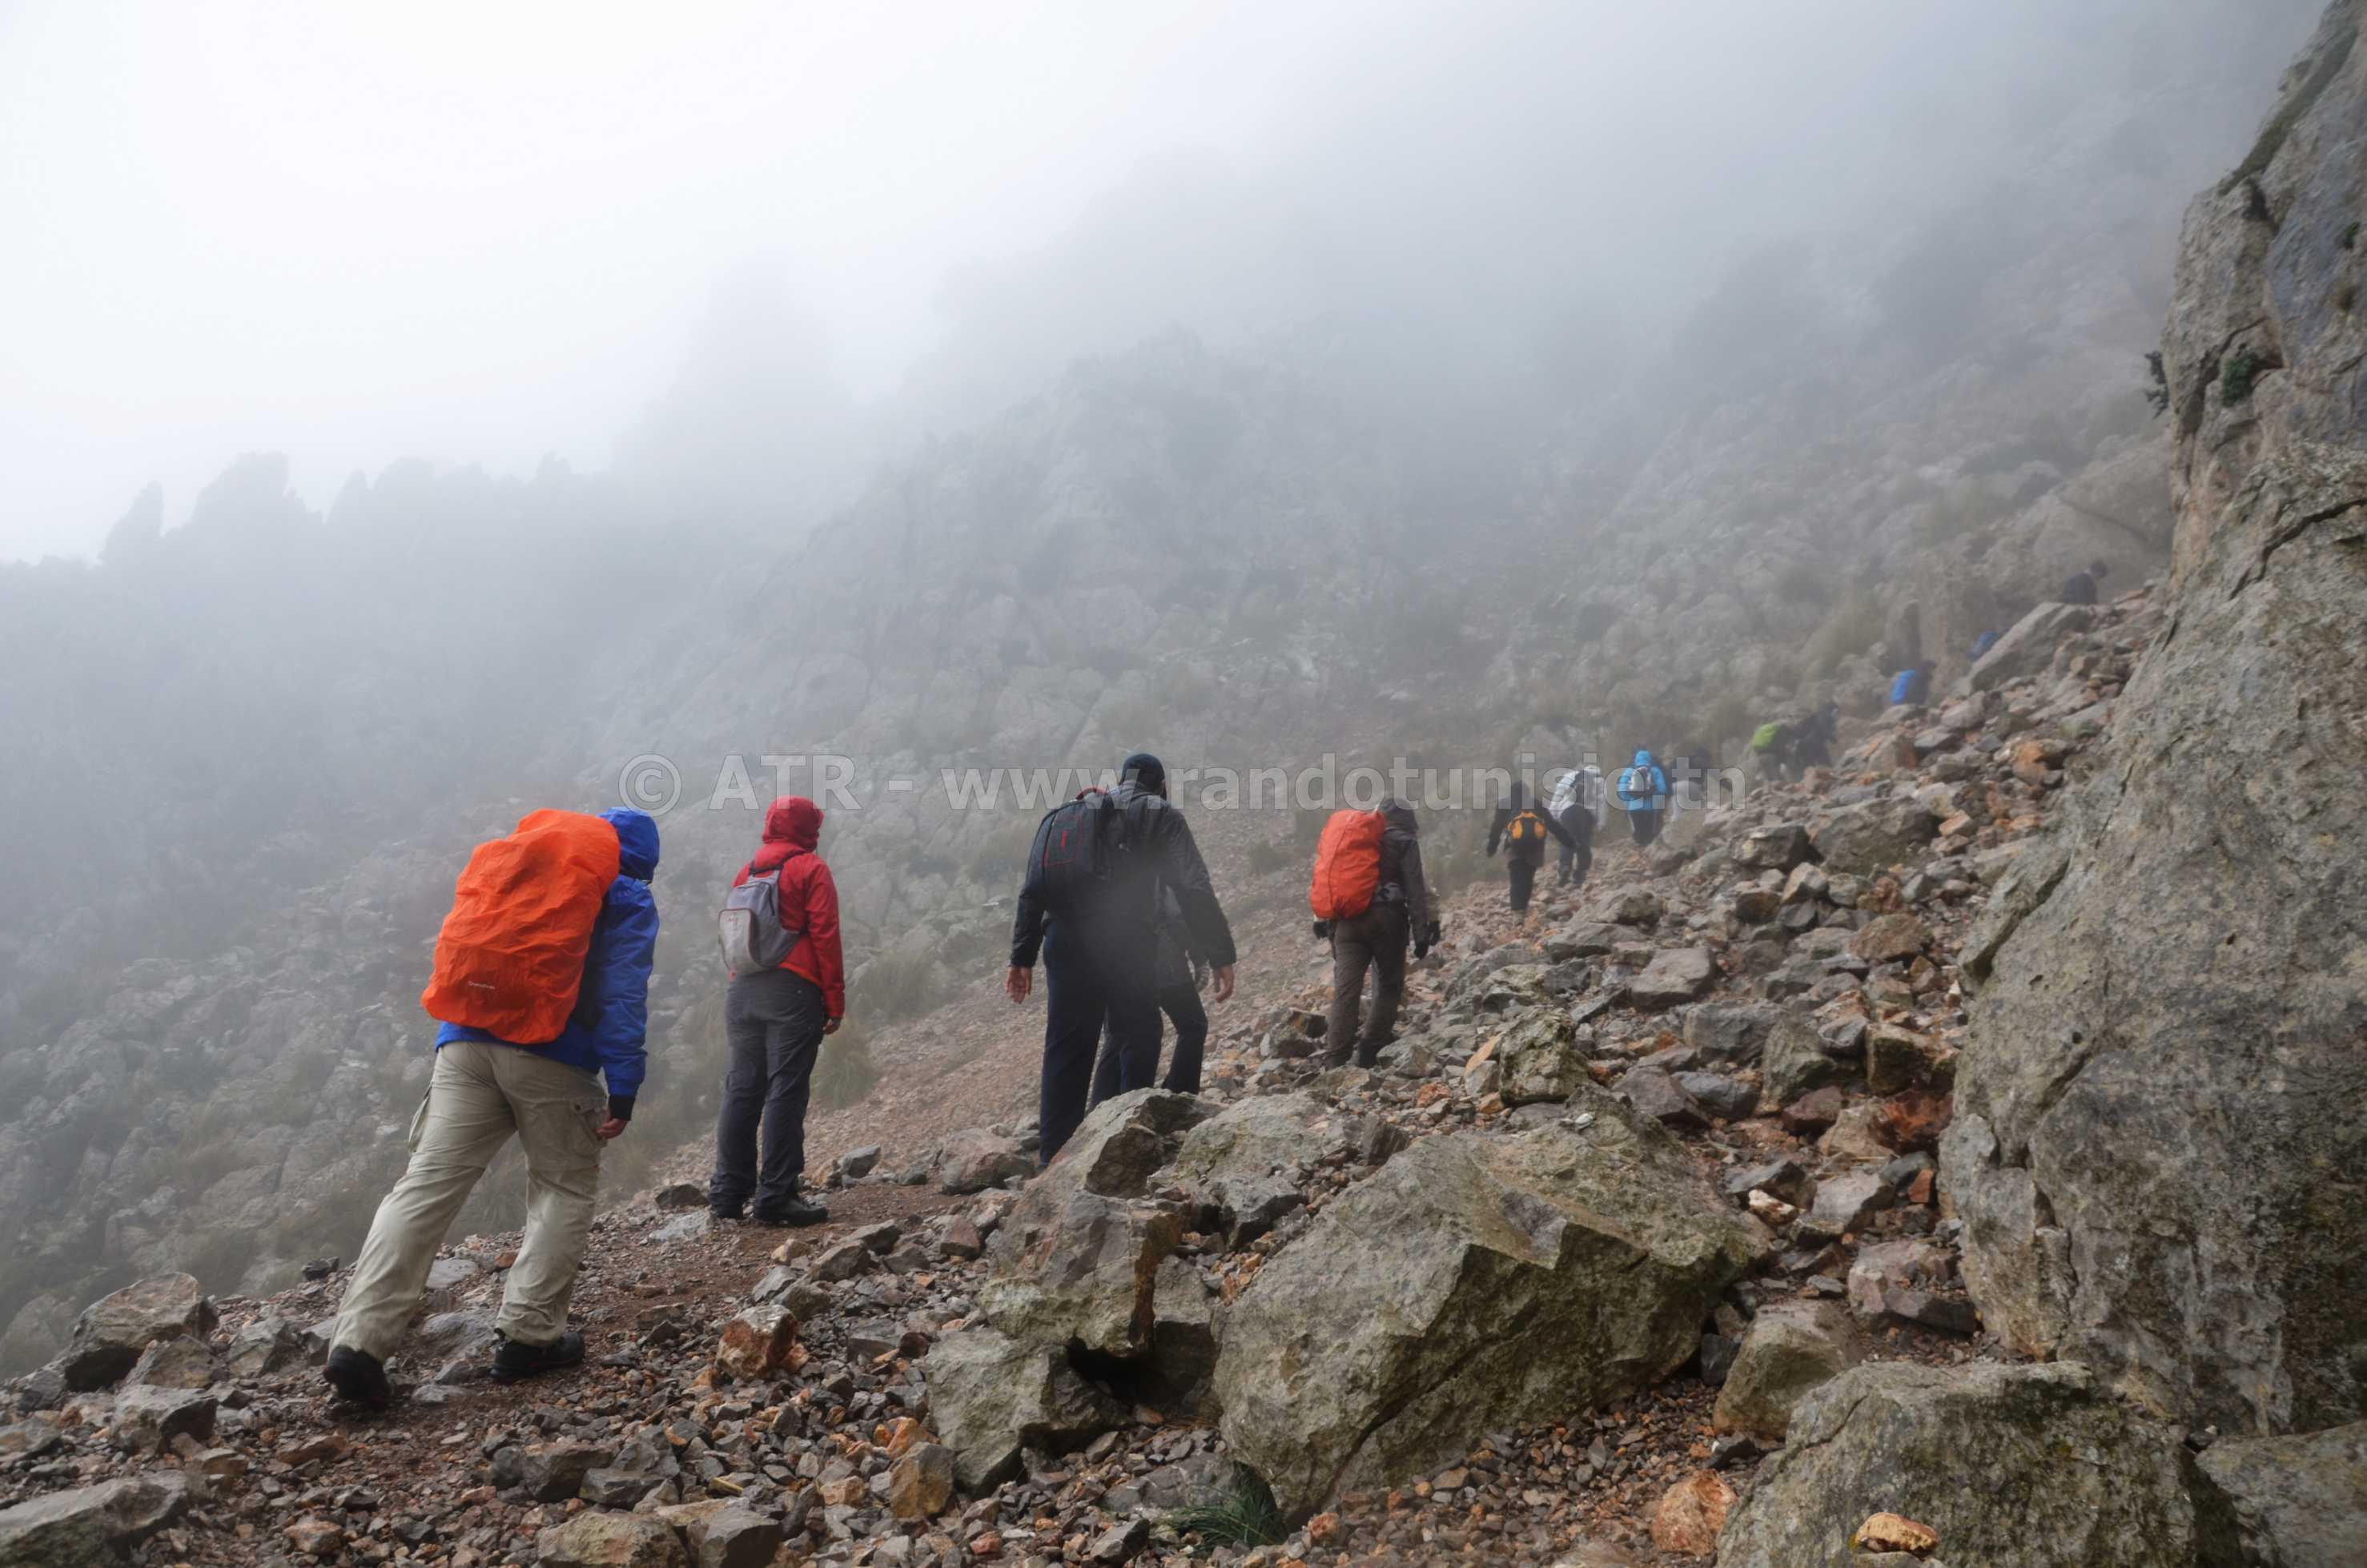 Circuit randonnée Ain Mzigh Zaghouan - vers le sommet